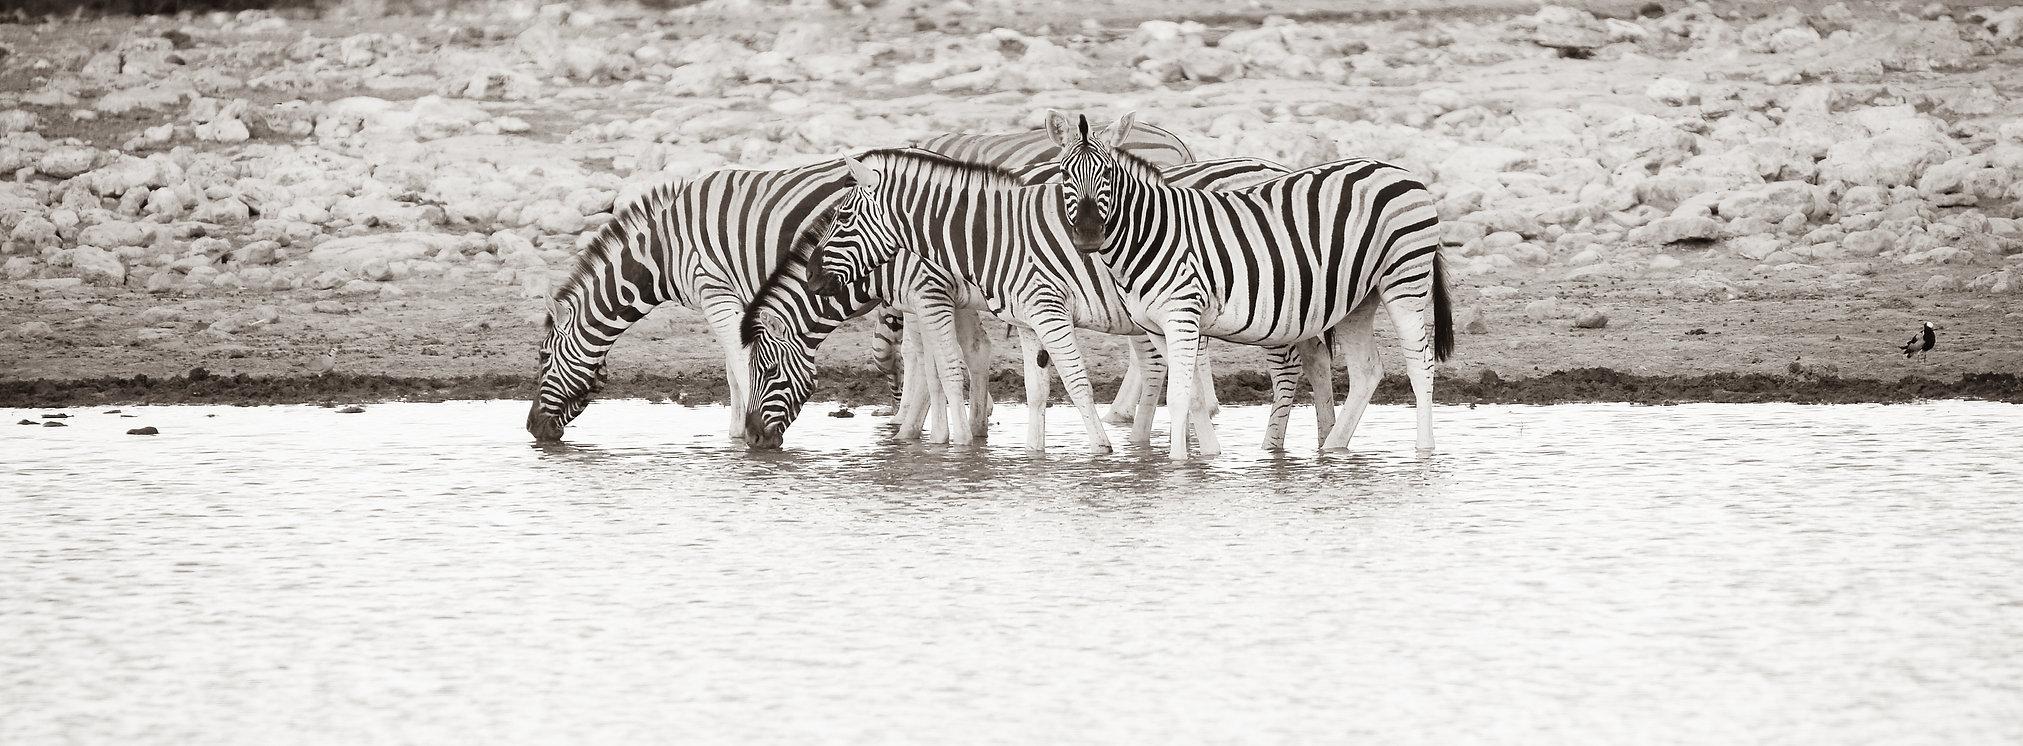 Zebras am Wasserloch, östliche Etoshapfanne, Namibia ©Johannes Ratermann